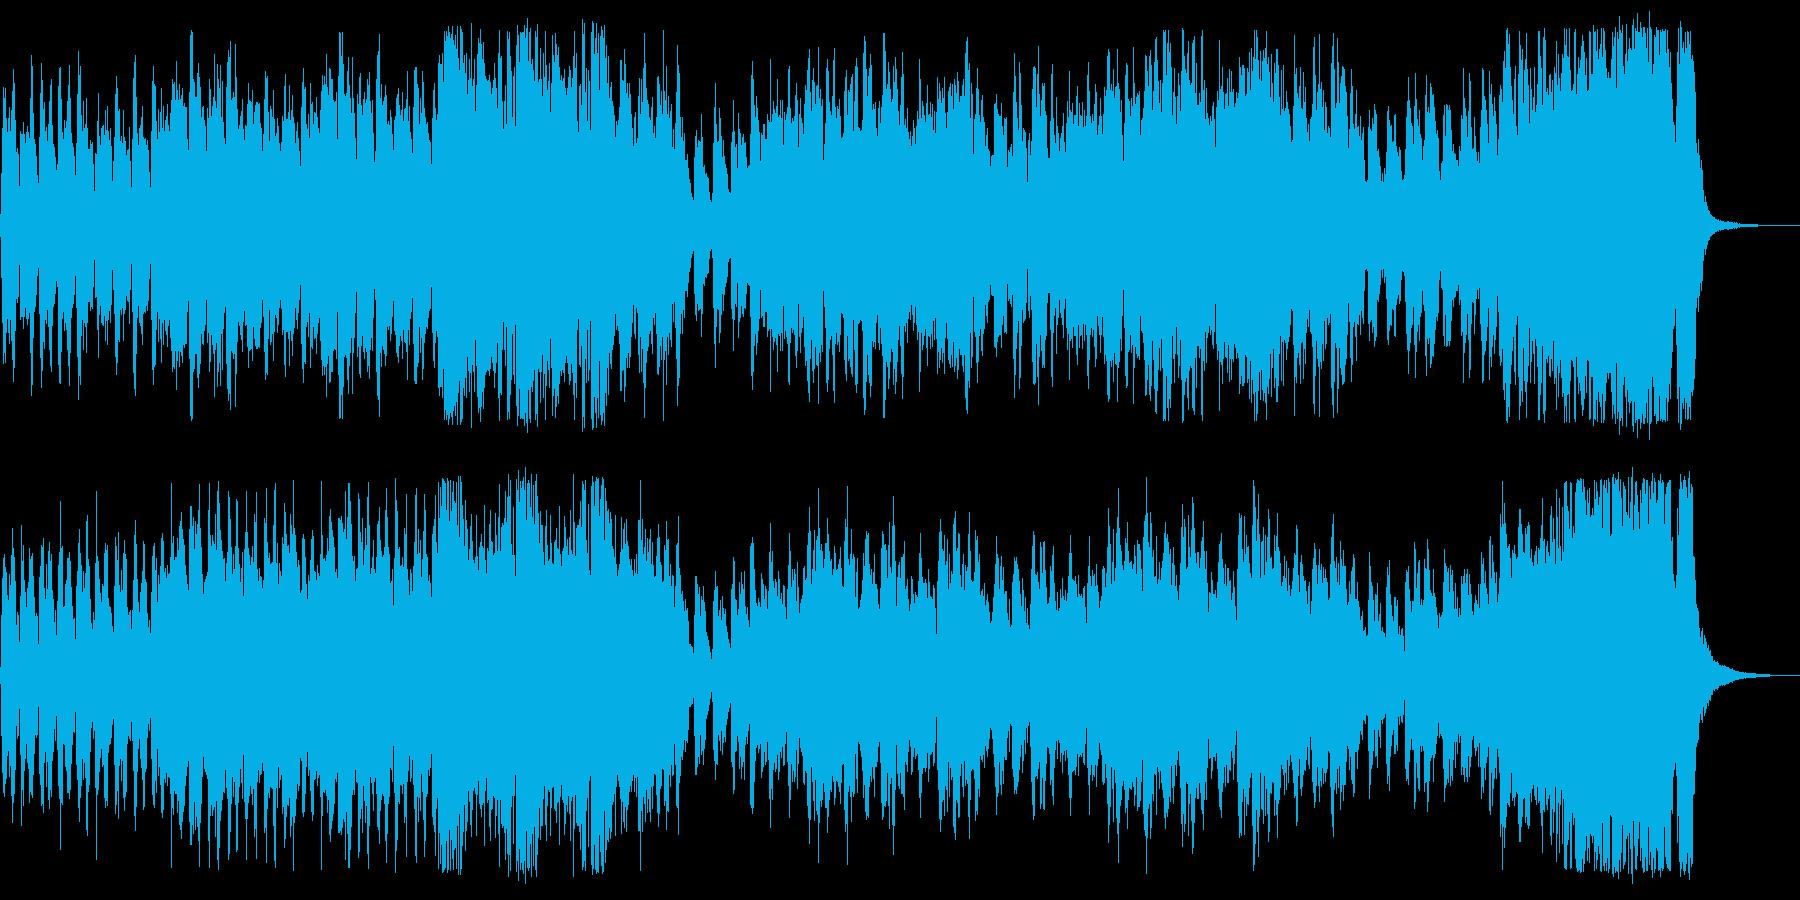 勇ましい行進曲の再生済みの波形